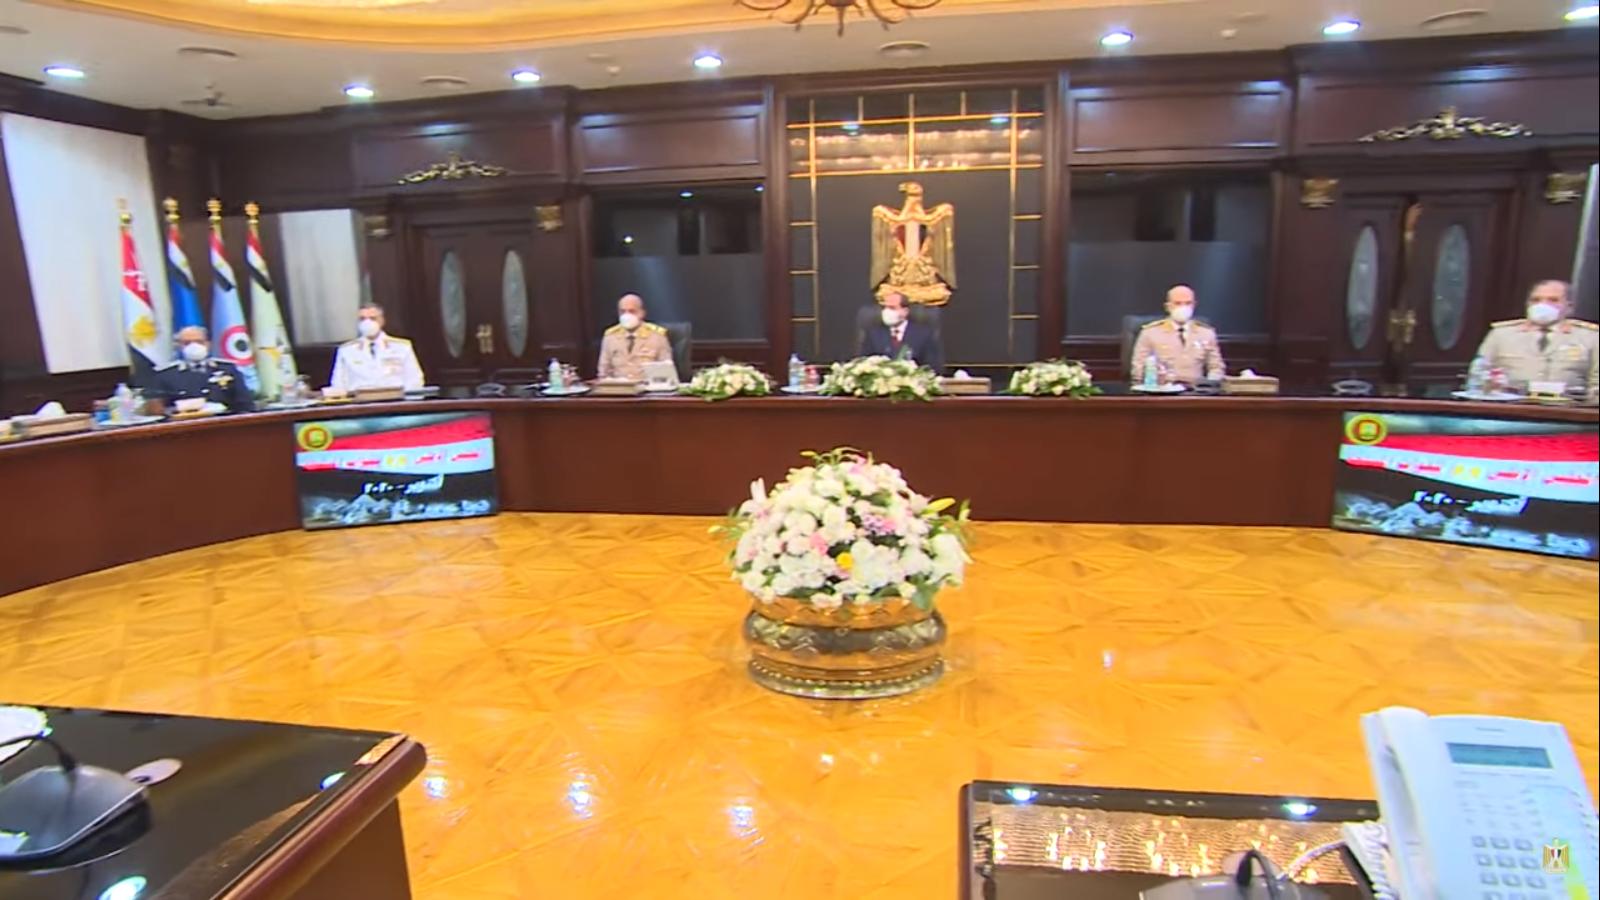 السيسى يترأس اجتماع المجلس الأعلى للقوات المسلحة لمناقشة مكافحة الإرهاب (3)